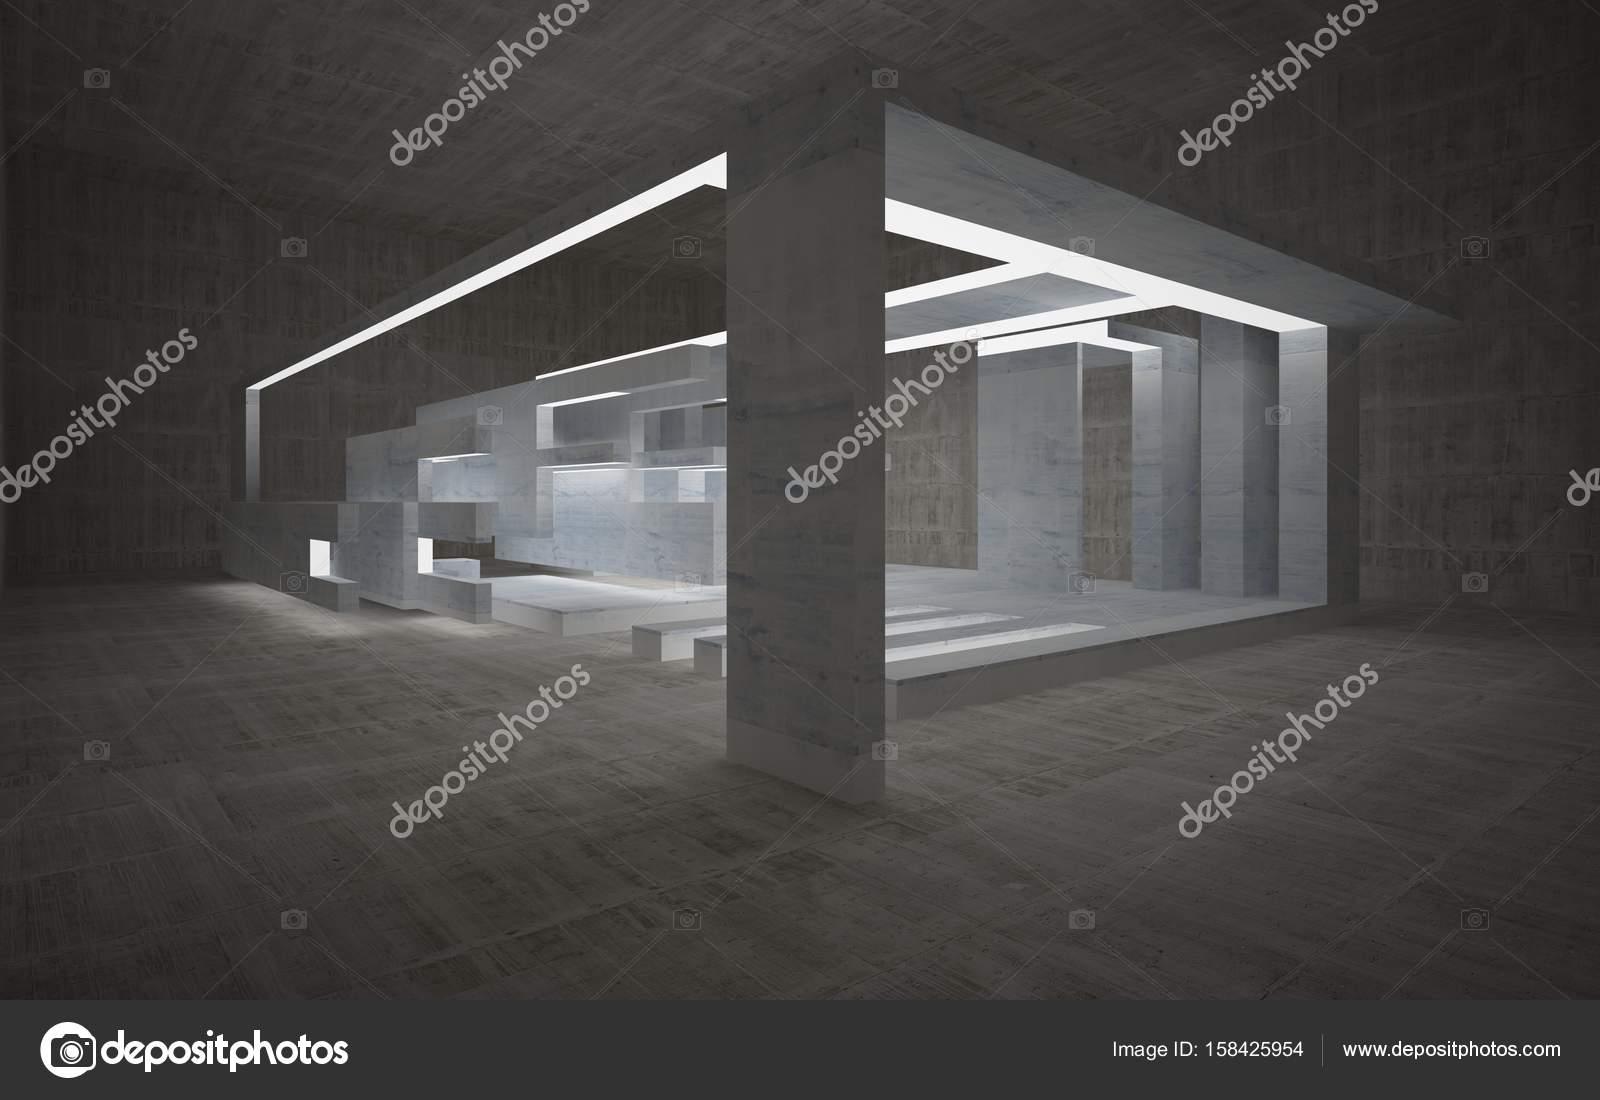 Фон темный абстрактный 6